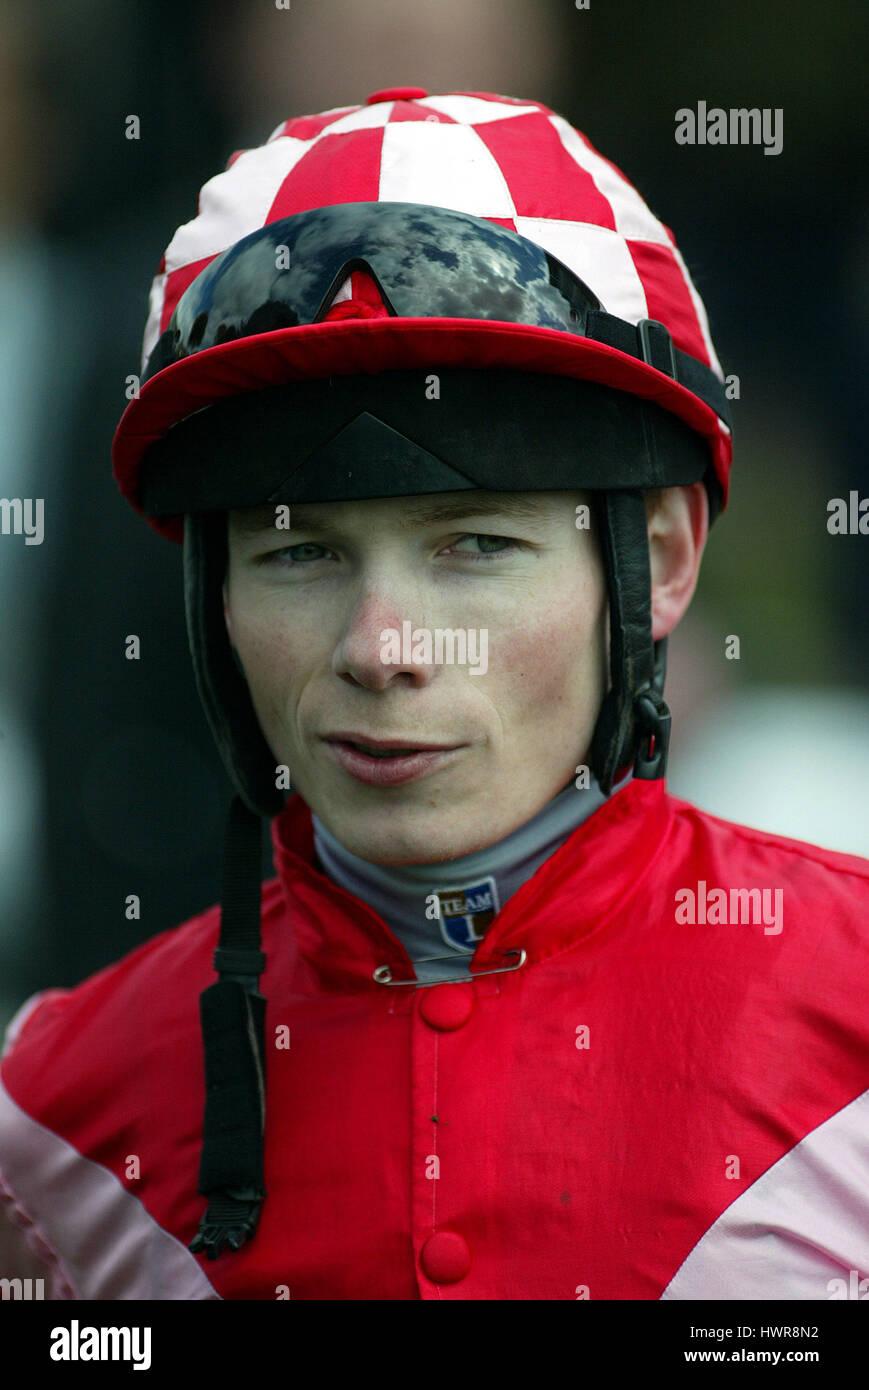 JAMIE SPENCER JOCKEY YORK RACECOURSE YORK ENGLAND 15 May 2005 - Stock Image